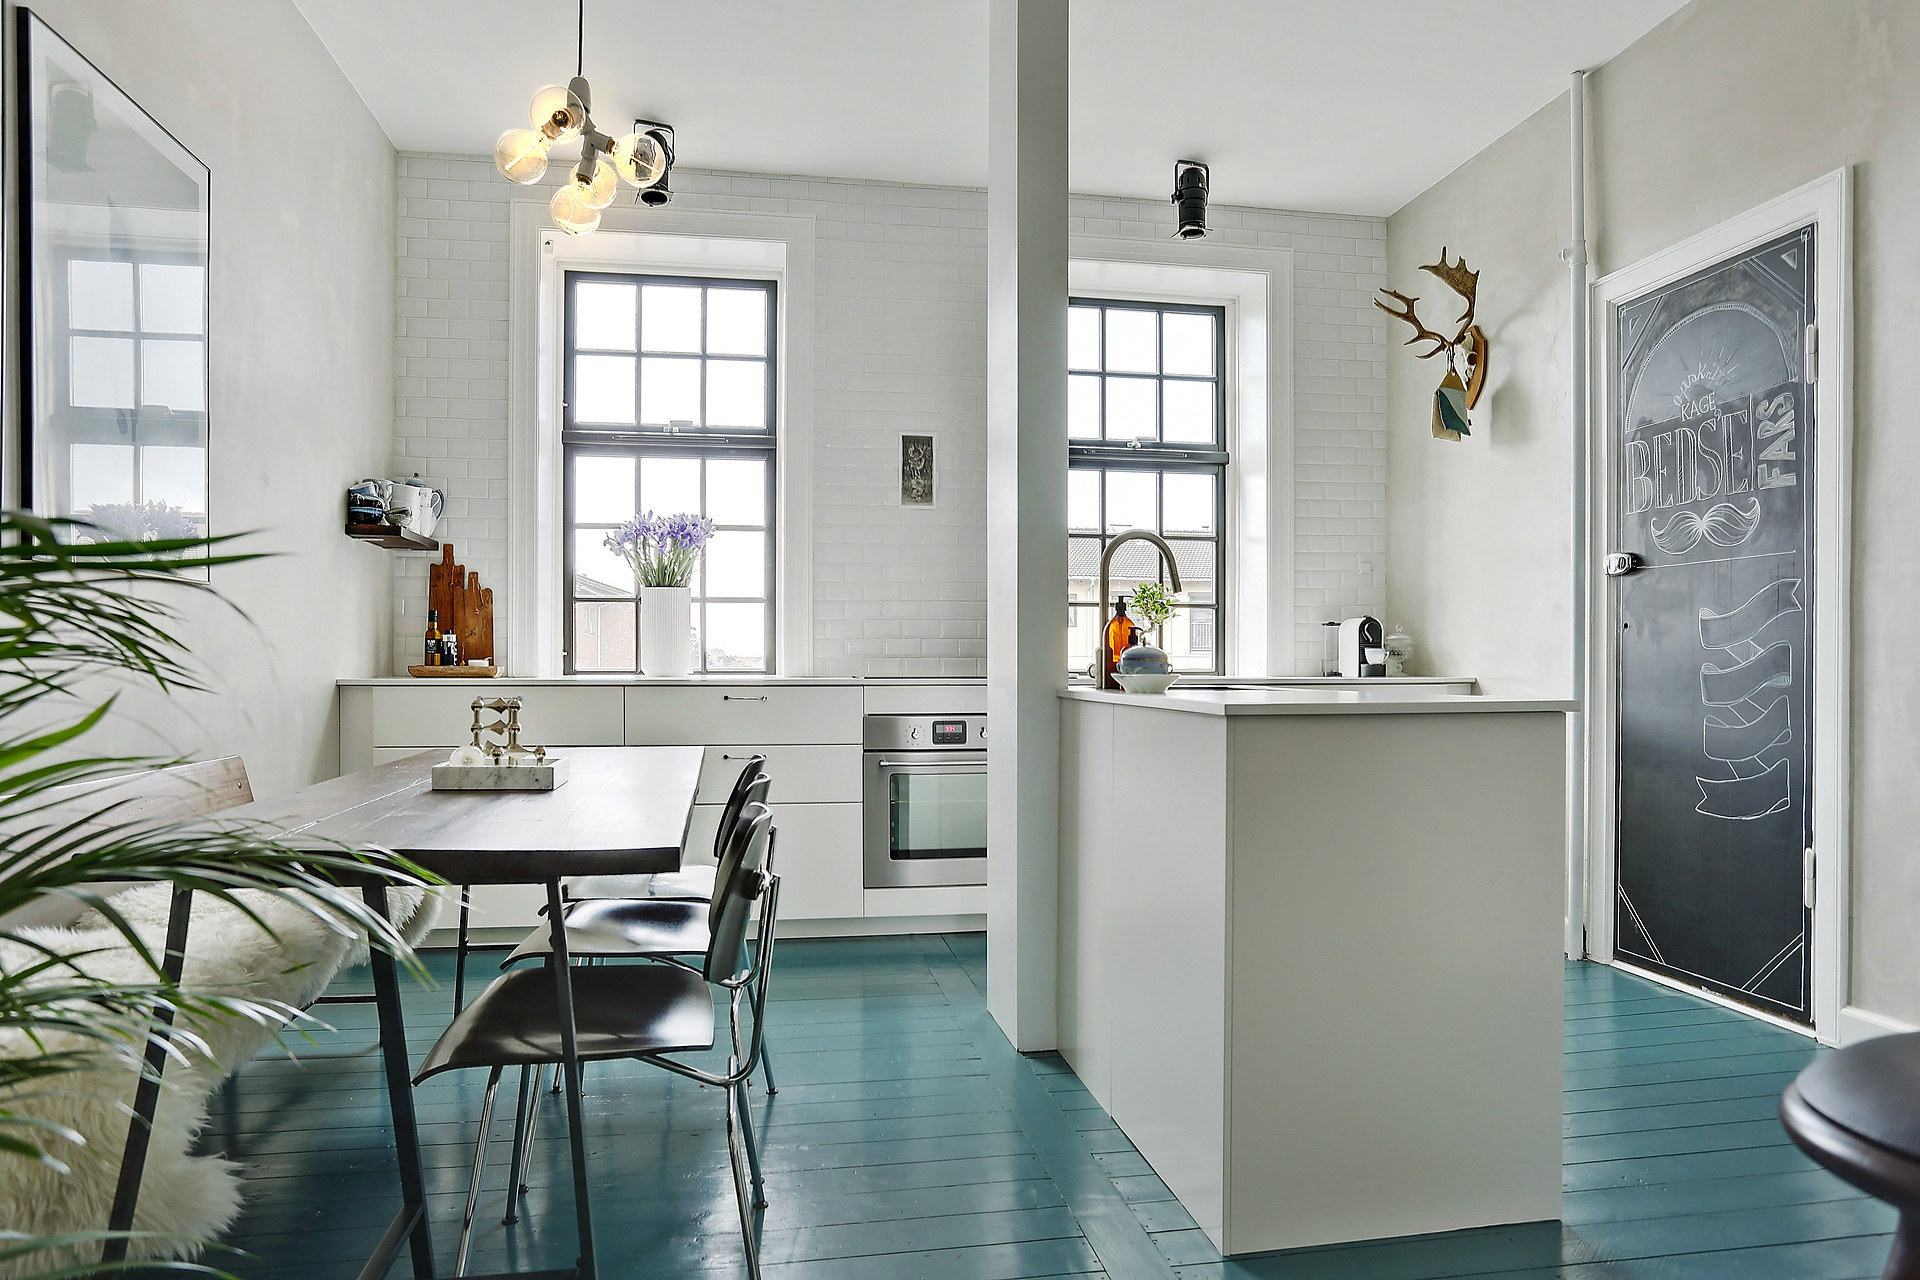 Scandinavische keuken met blauwe vloerinterieur inrichting interieur inrichting - Scandinavische blauwe ...